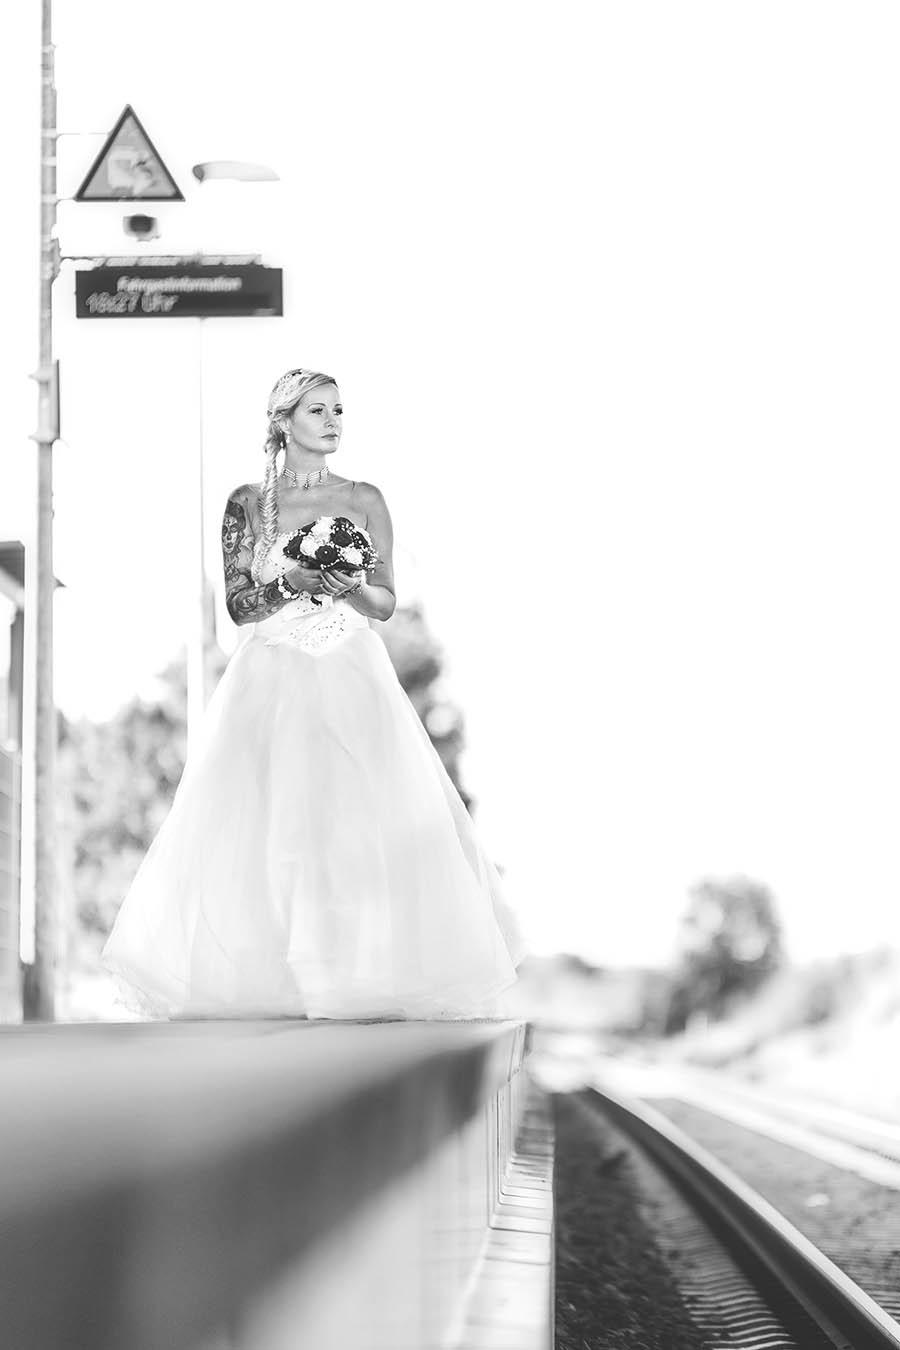 Braut wartet am Bahngleis mit ihrem Kleid und Brautstrauß auf ihren Bräutigam